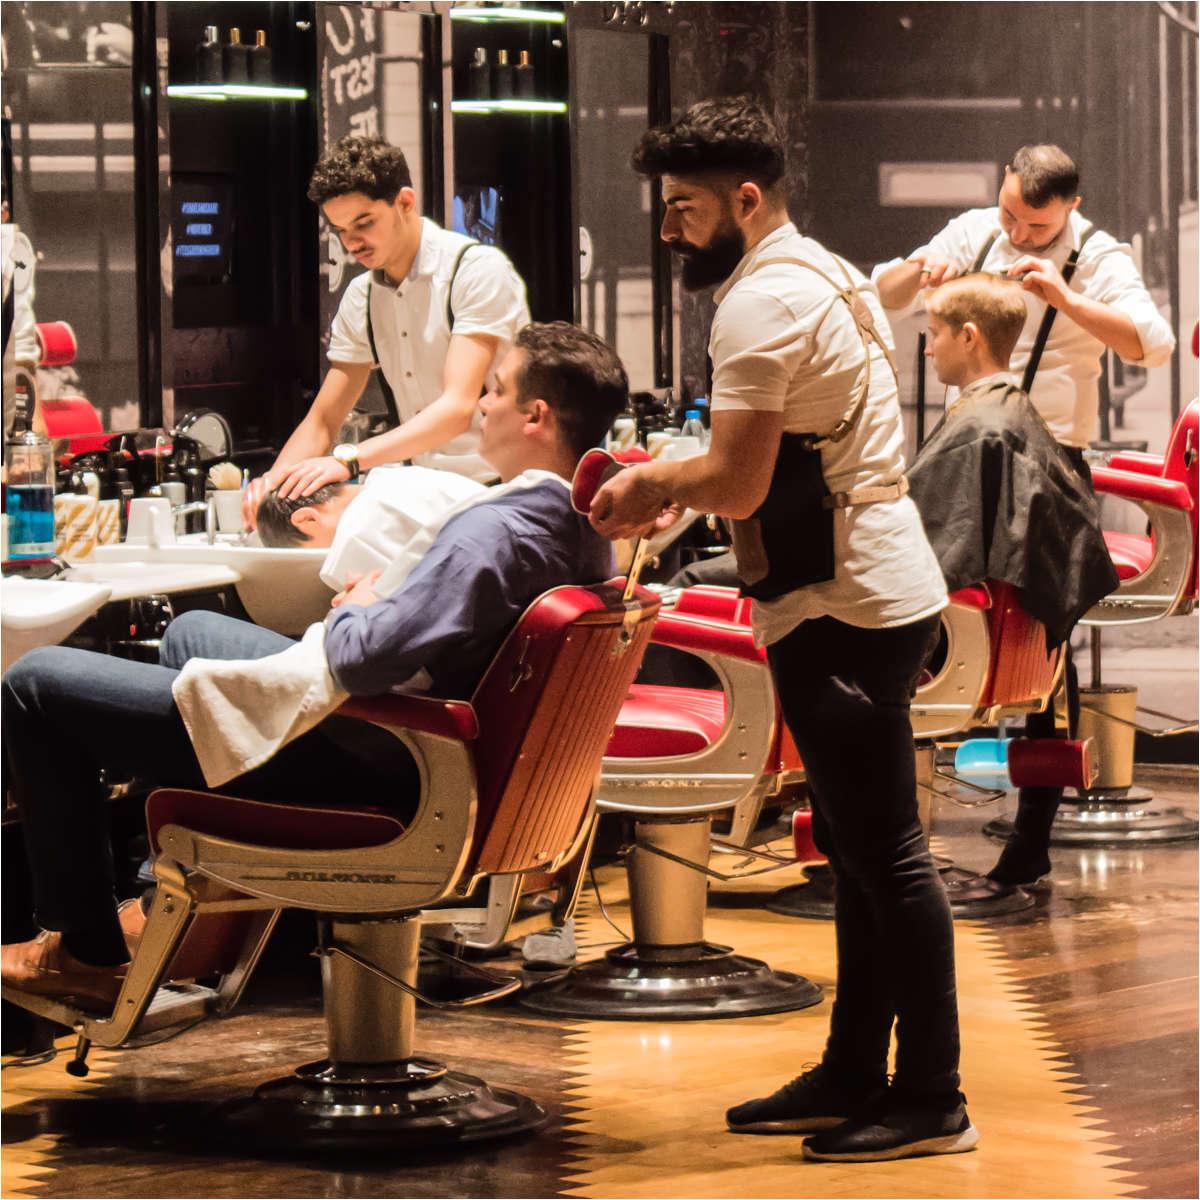 248_Barbers Shop_Neil Grimshaw.jpg